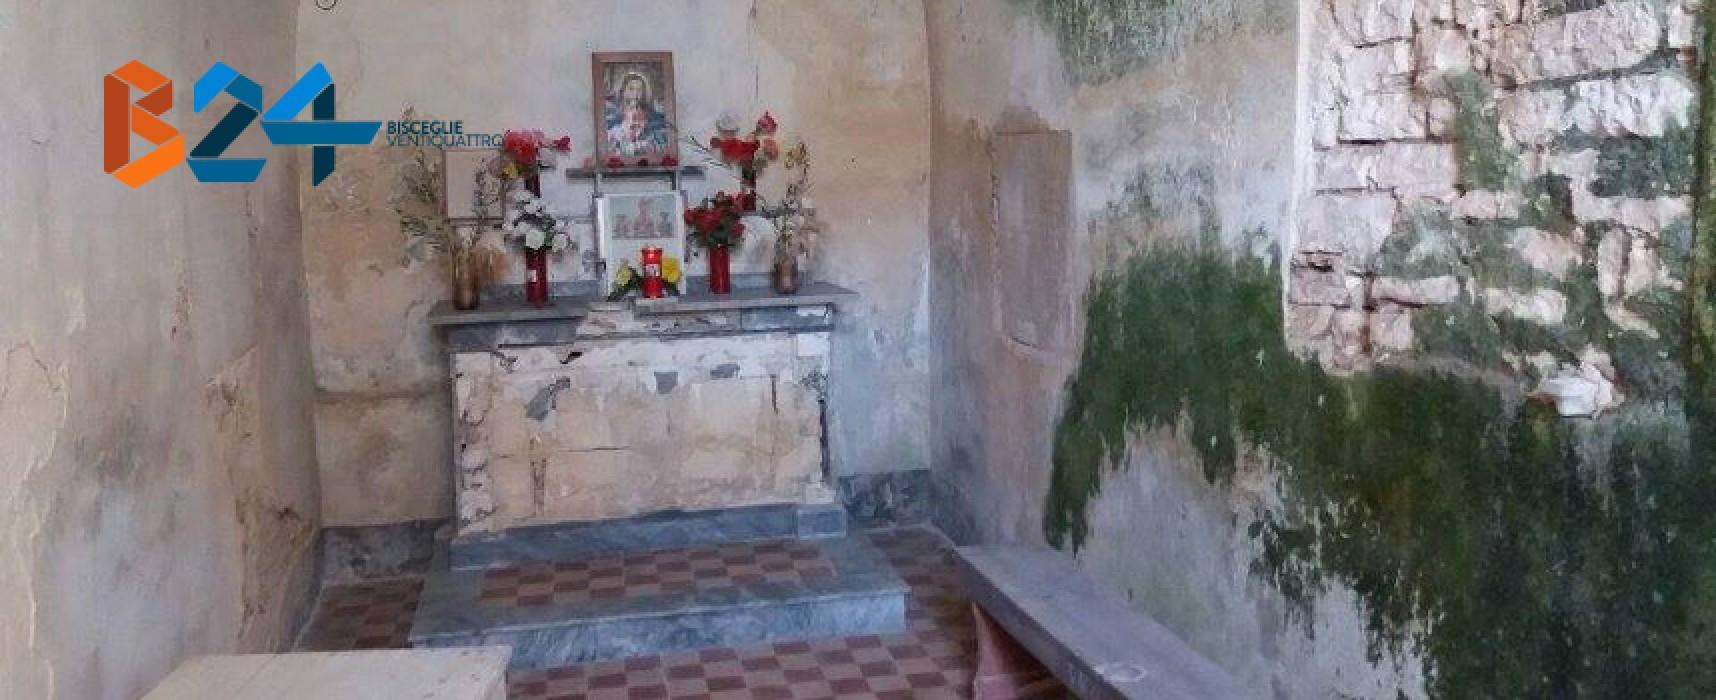 Lavori in vista alla chiesa di Sagina, il Consiglio dei Ministri approva finanziamento